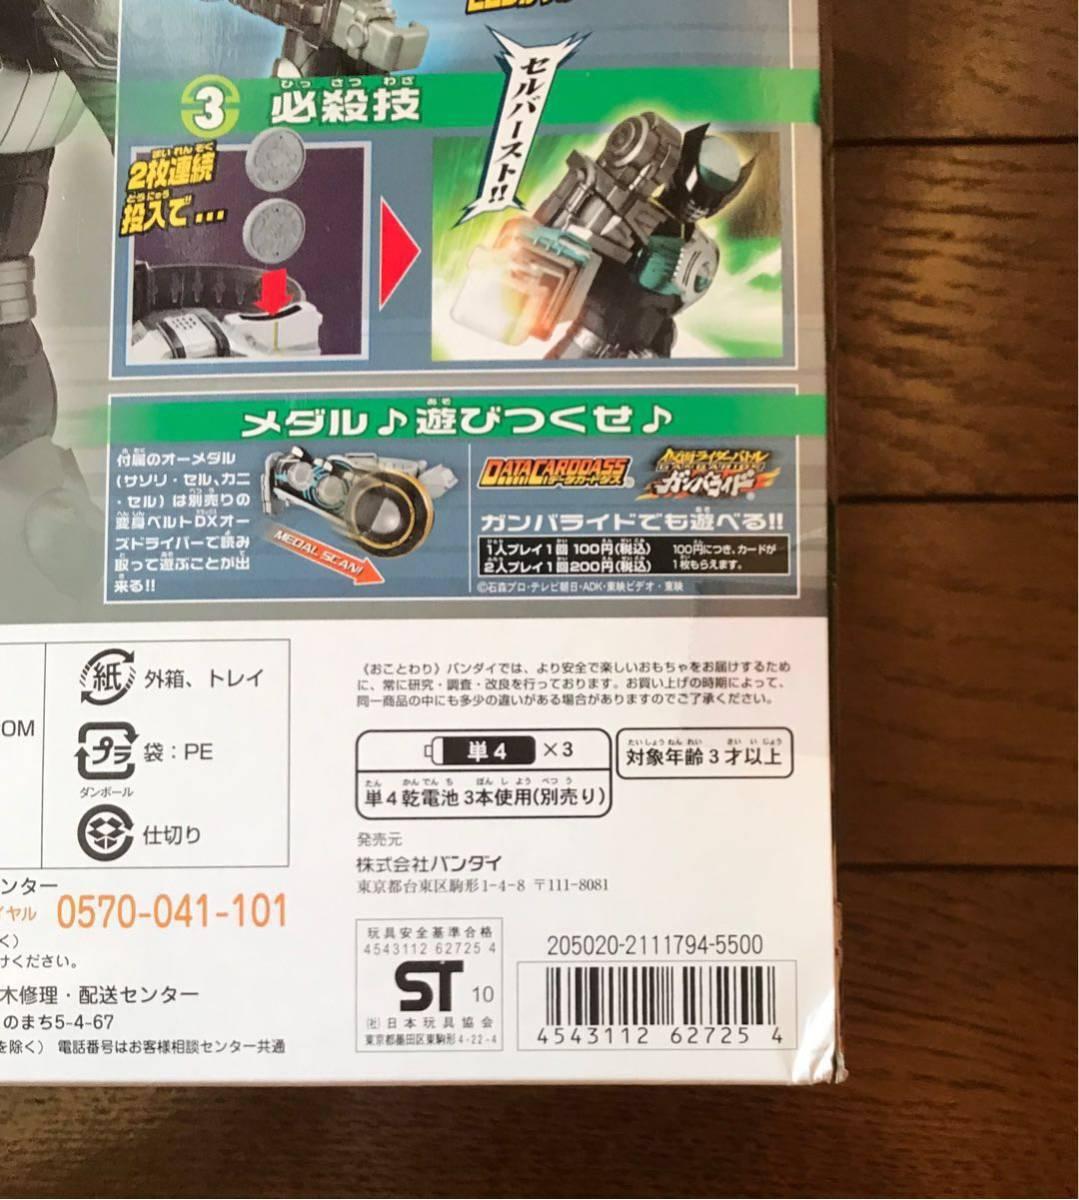 【未開封品】仮面ライダーオーズ DX バースドライバー 変身ベルト オーメダル_画像3